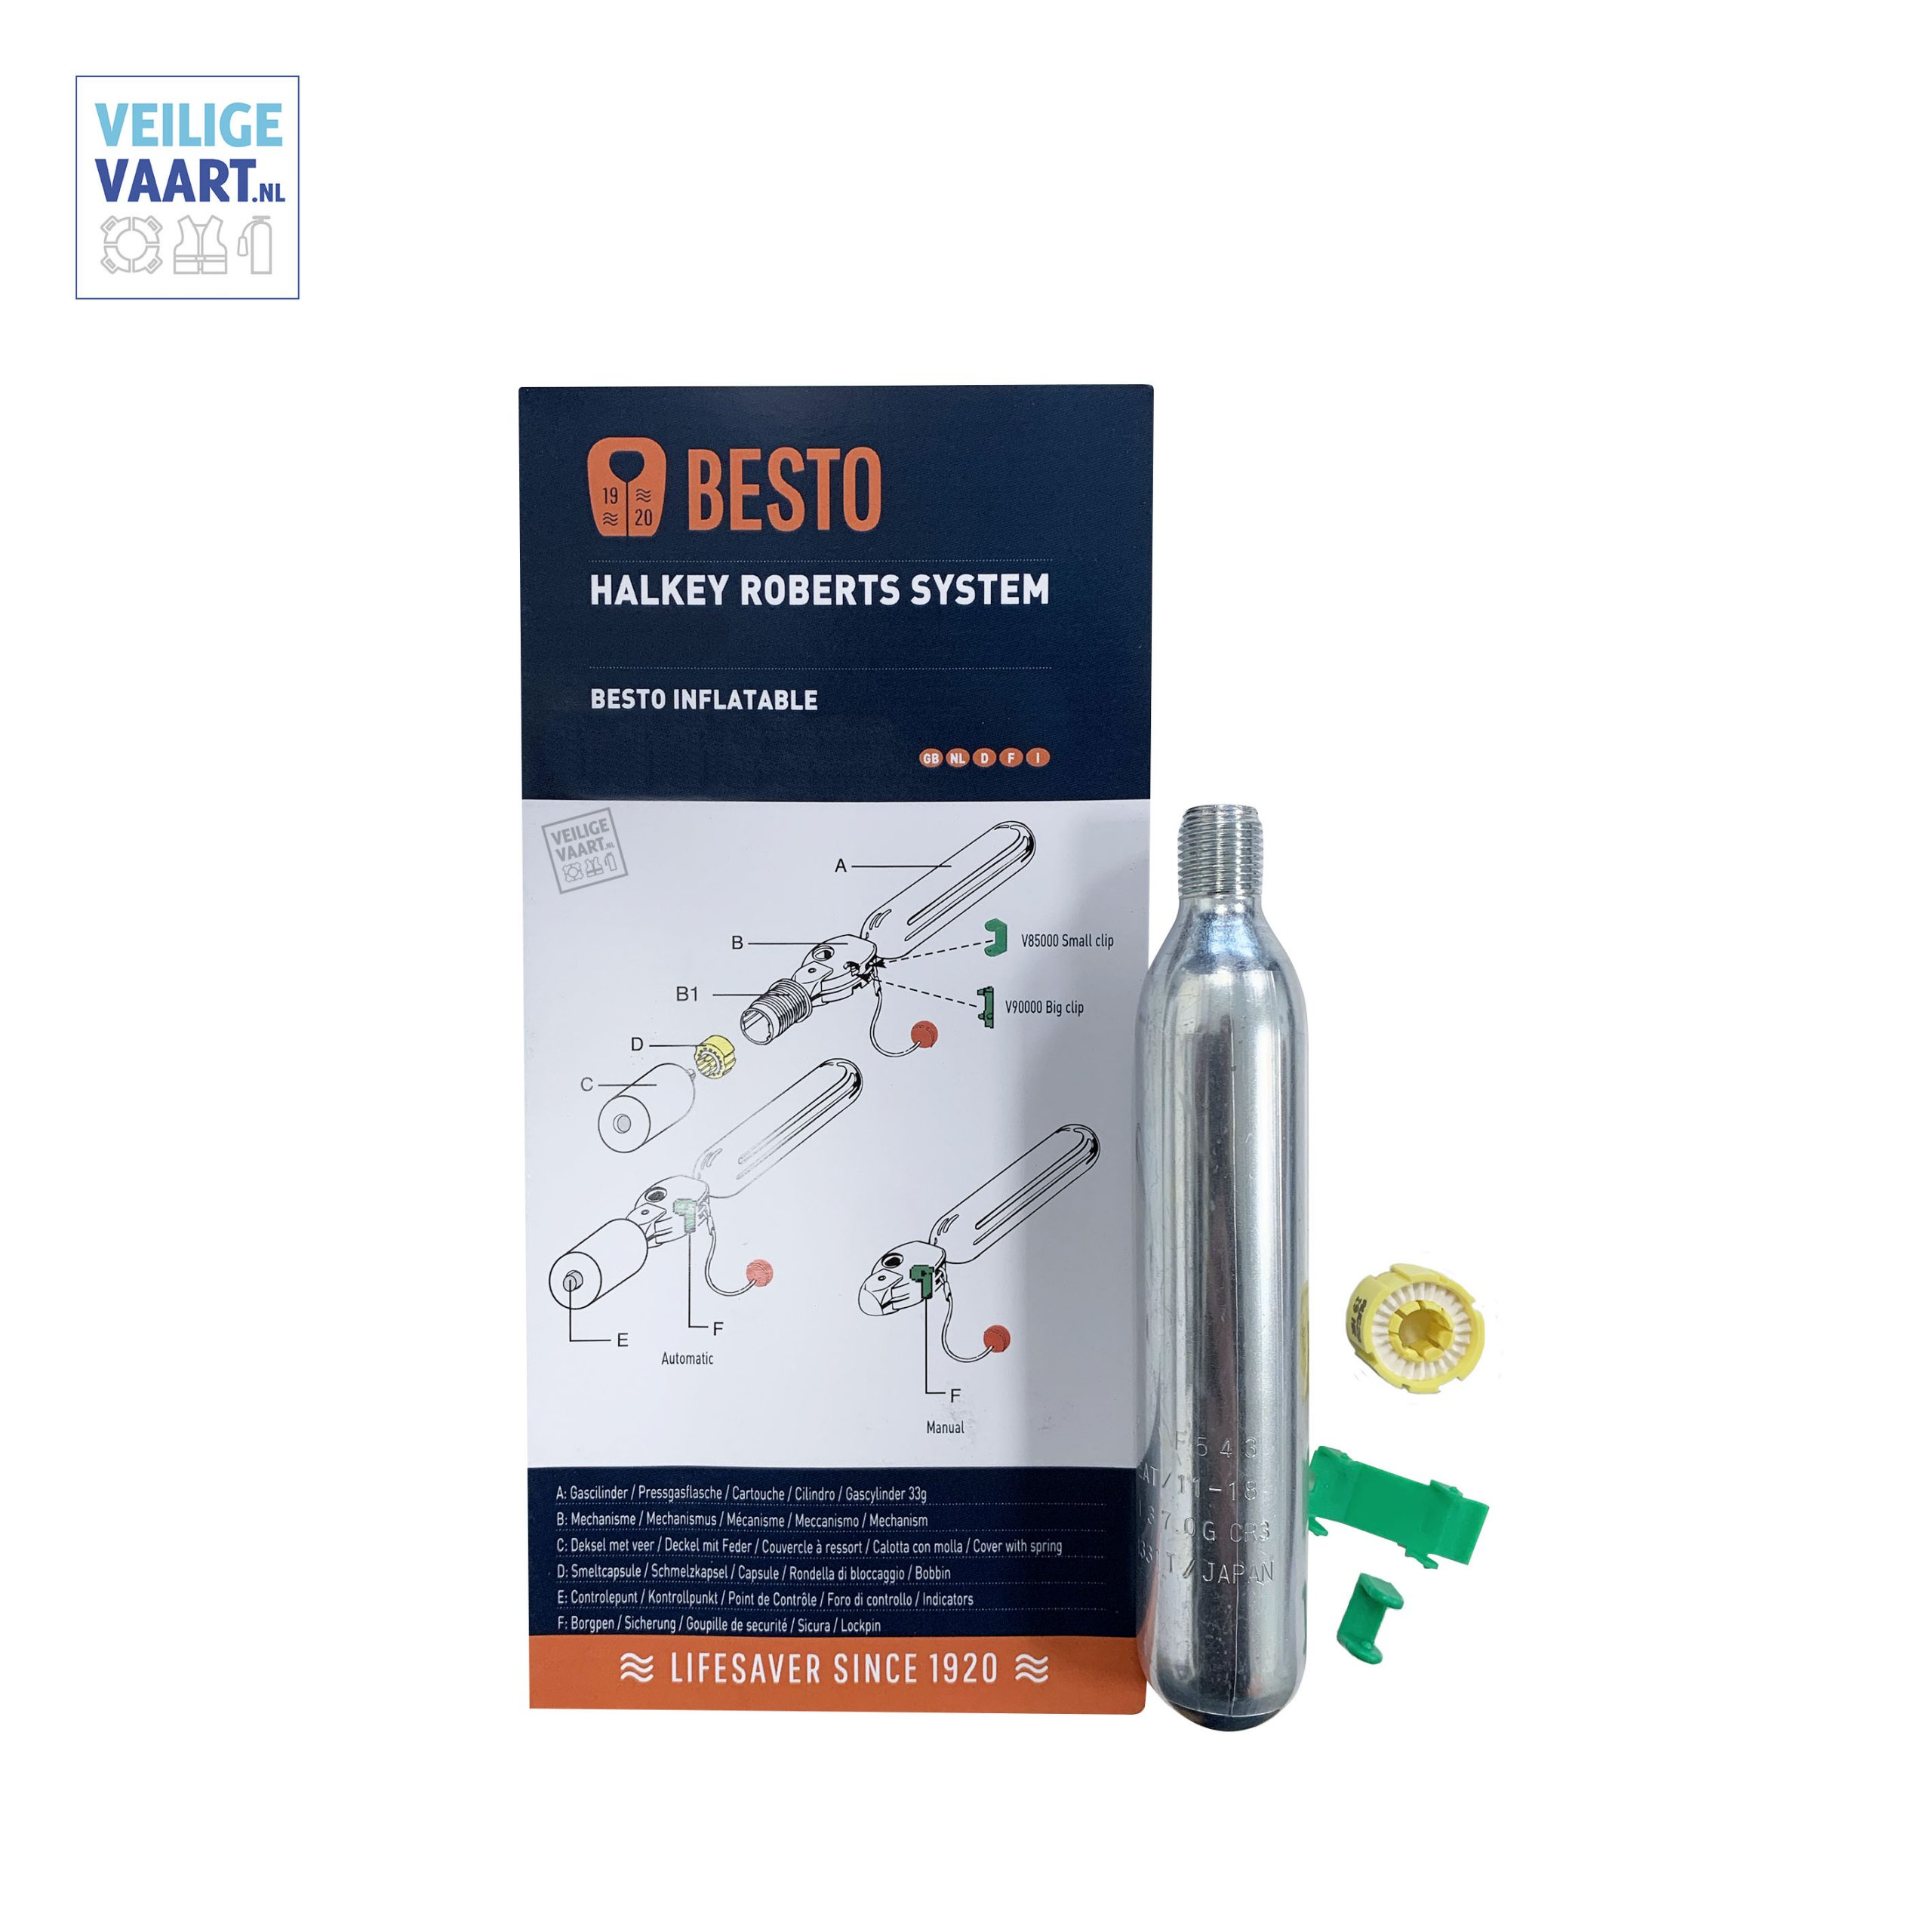 besto re-arming cylinder